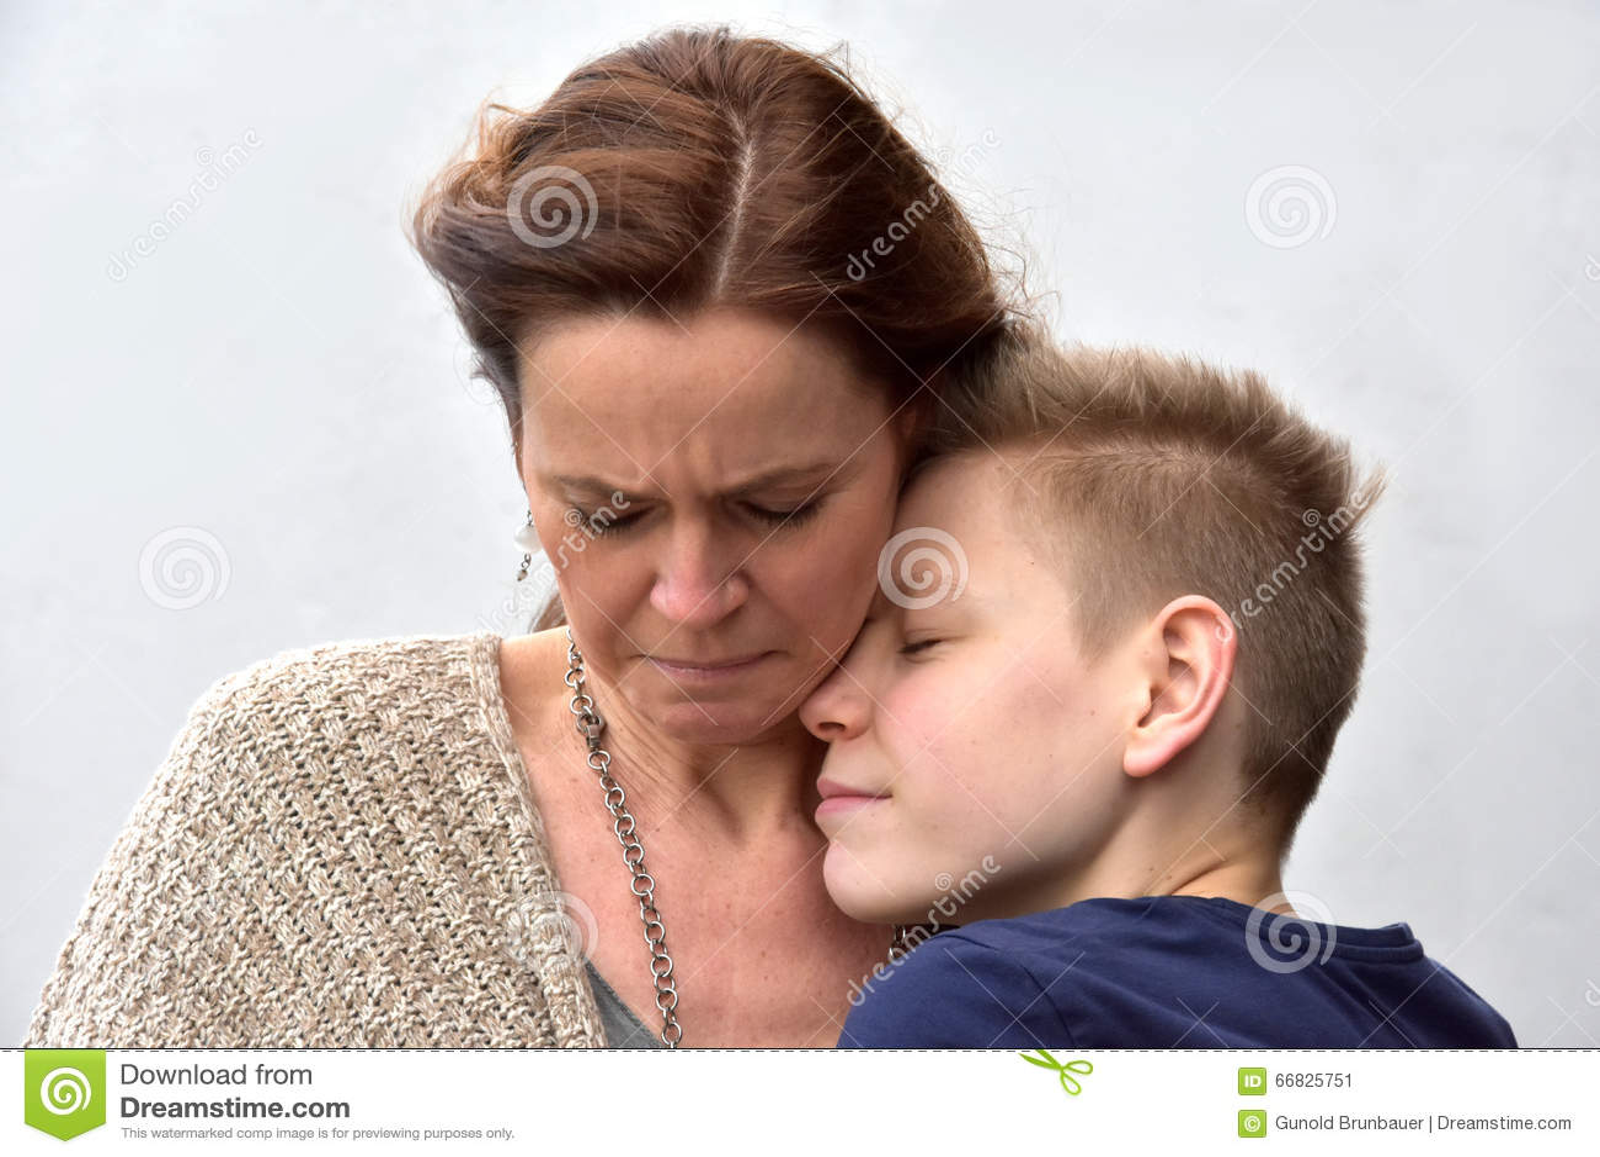 Секс сын трахает мать в картинках, Мама и сын » Инцест фото. Порно мамы и сына, папы 19 фотография